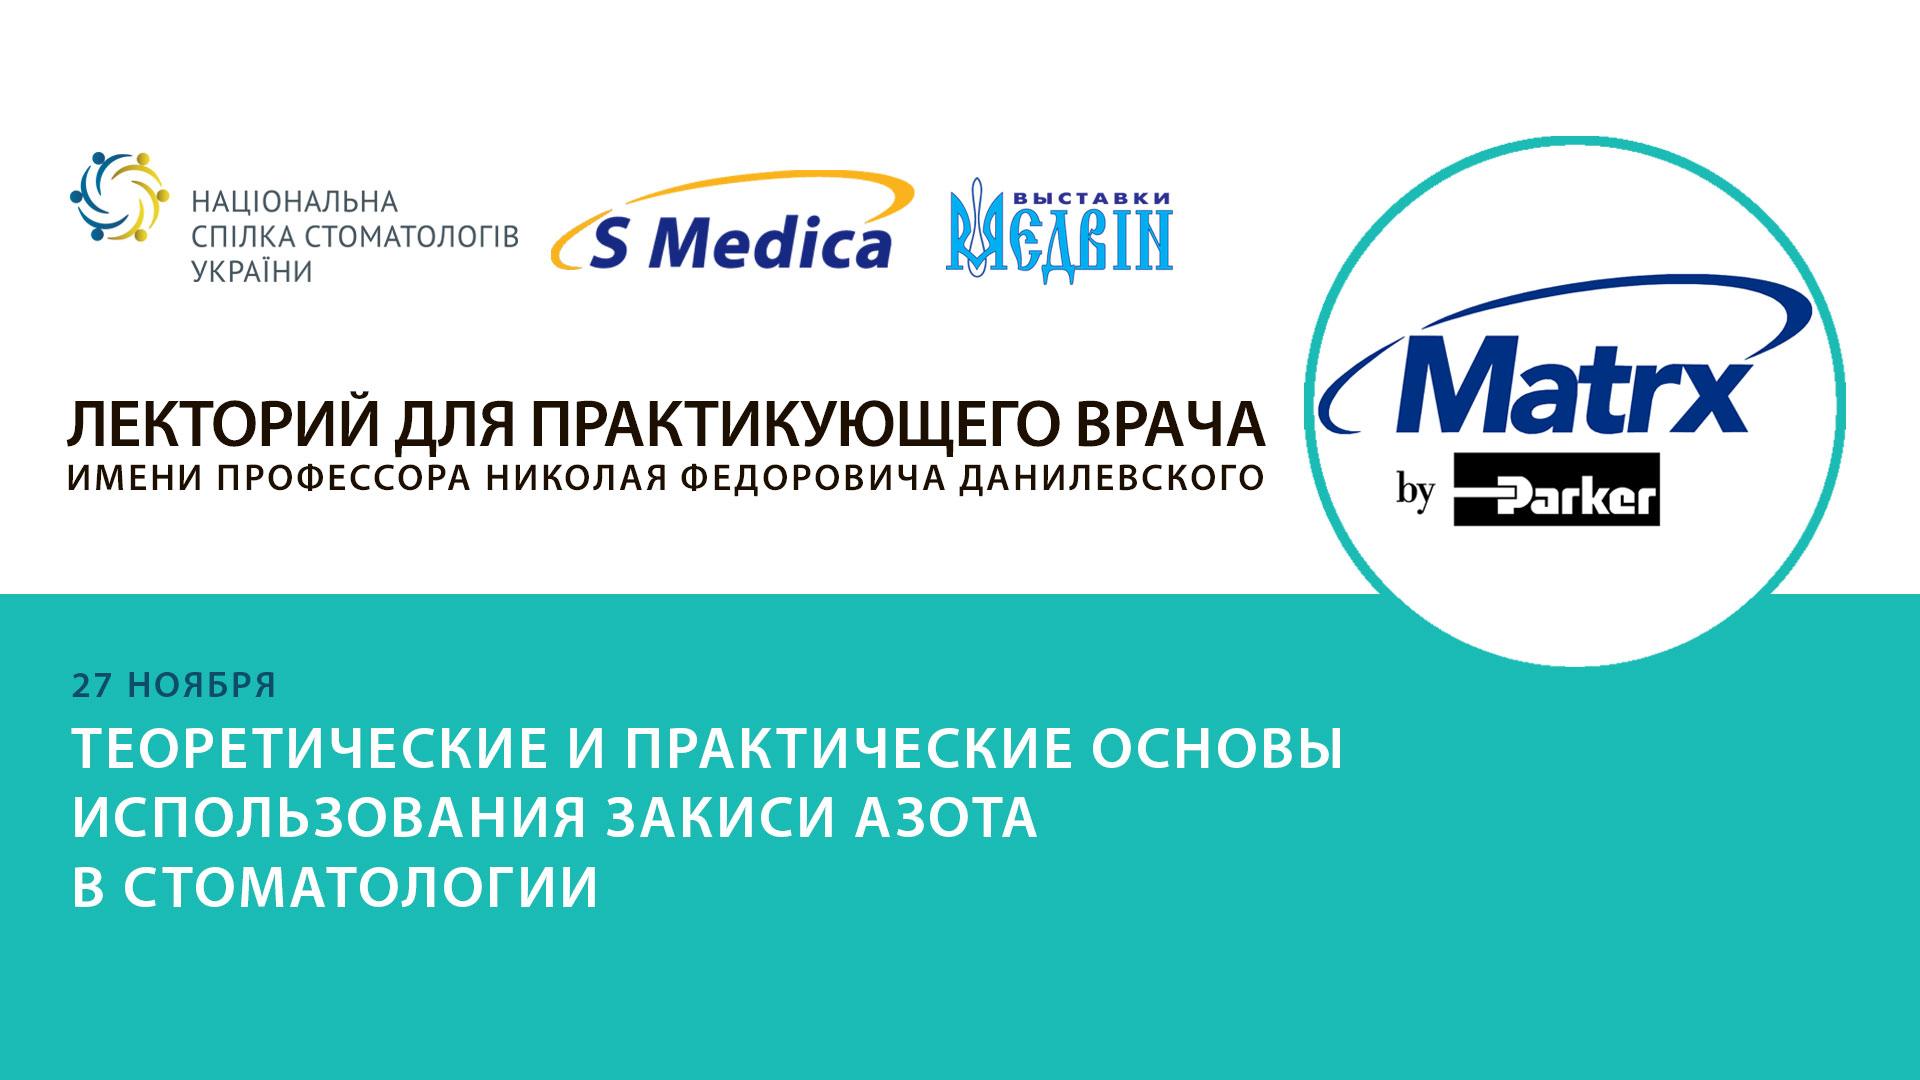 Теоретические и практические основы использования закиси азота в стоматологии  - 27.11.2020